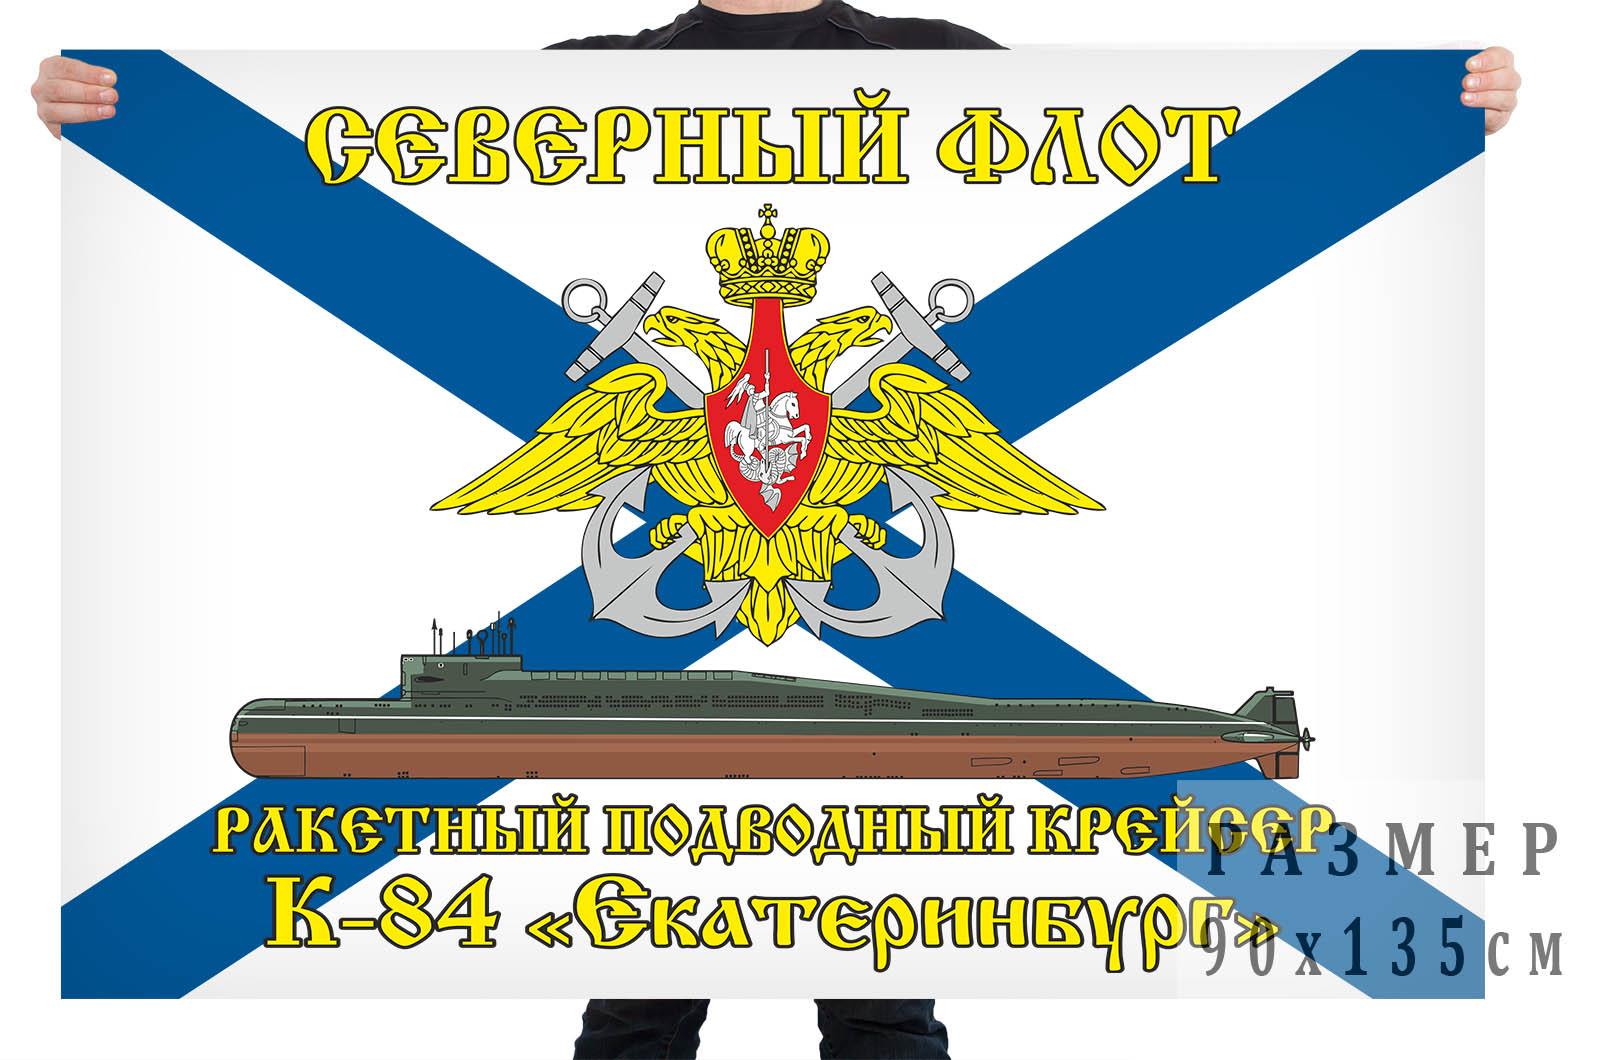 """Флаг ракетного подводного крейсера К-84 """"Екатеринбург"""""""